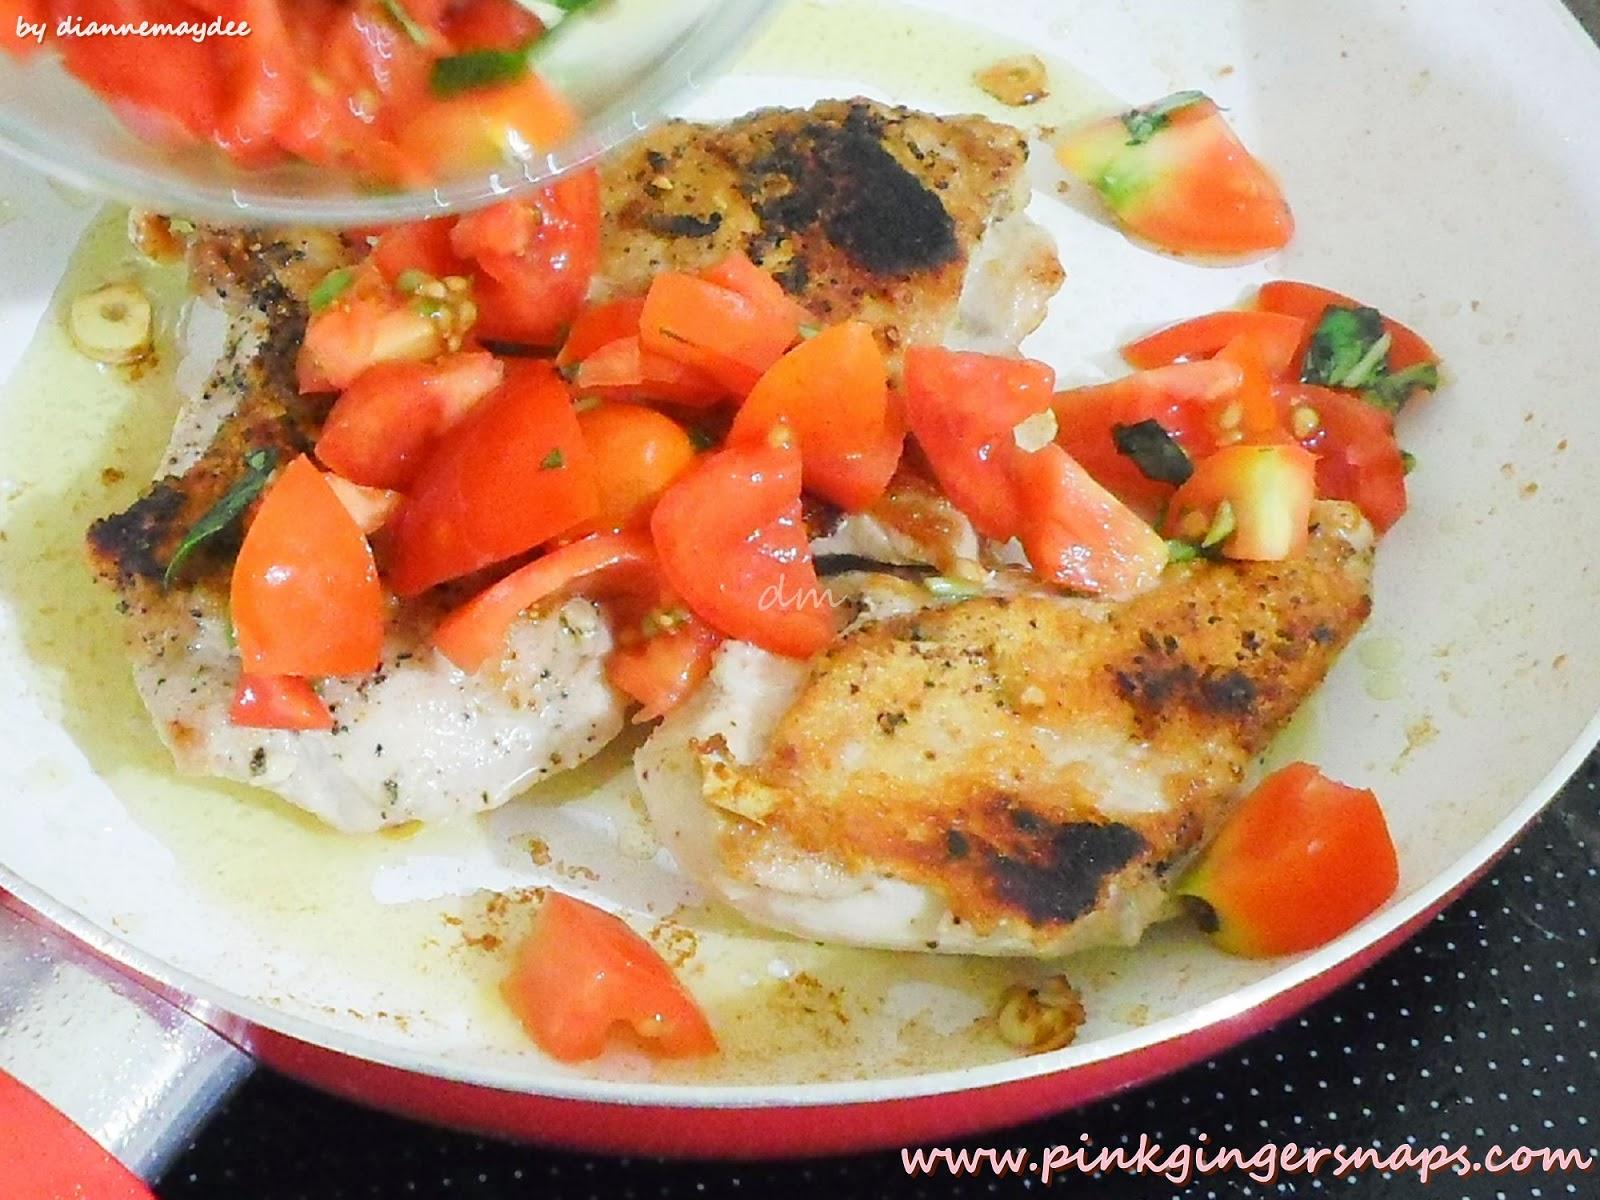 tomato basil chicken parmesan pinkgingersnaps